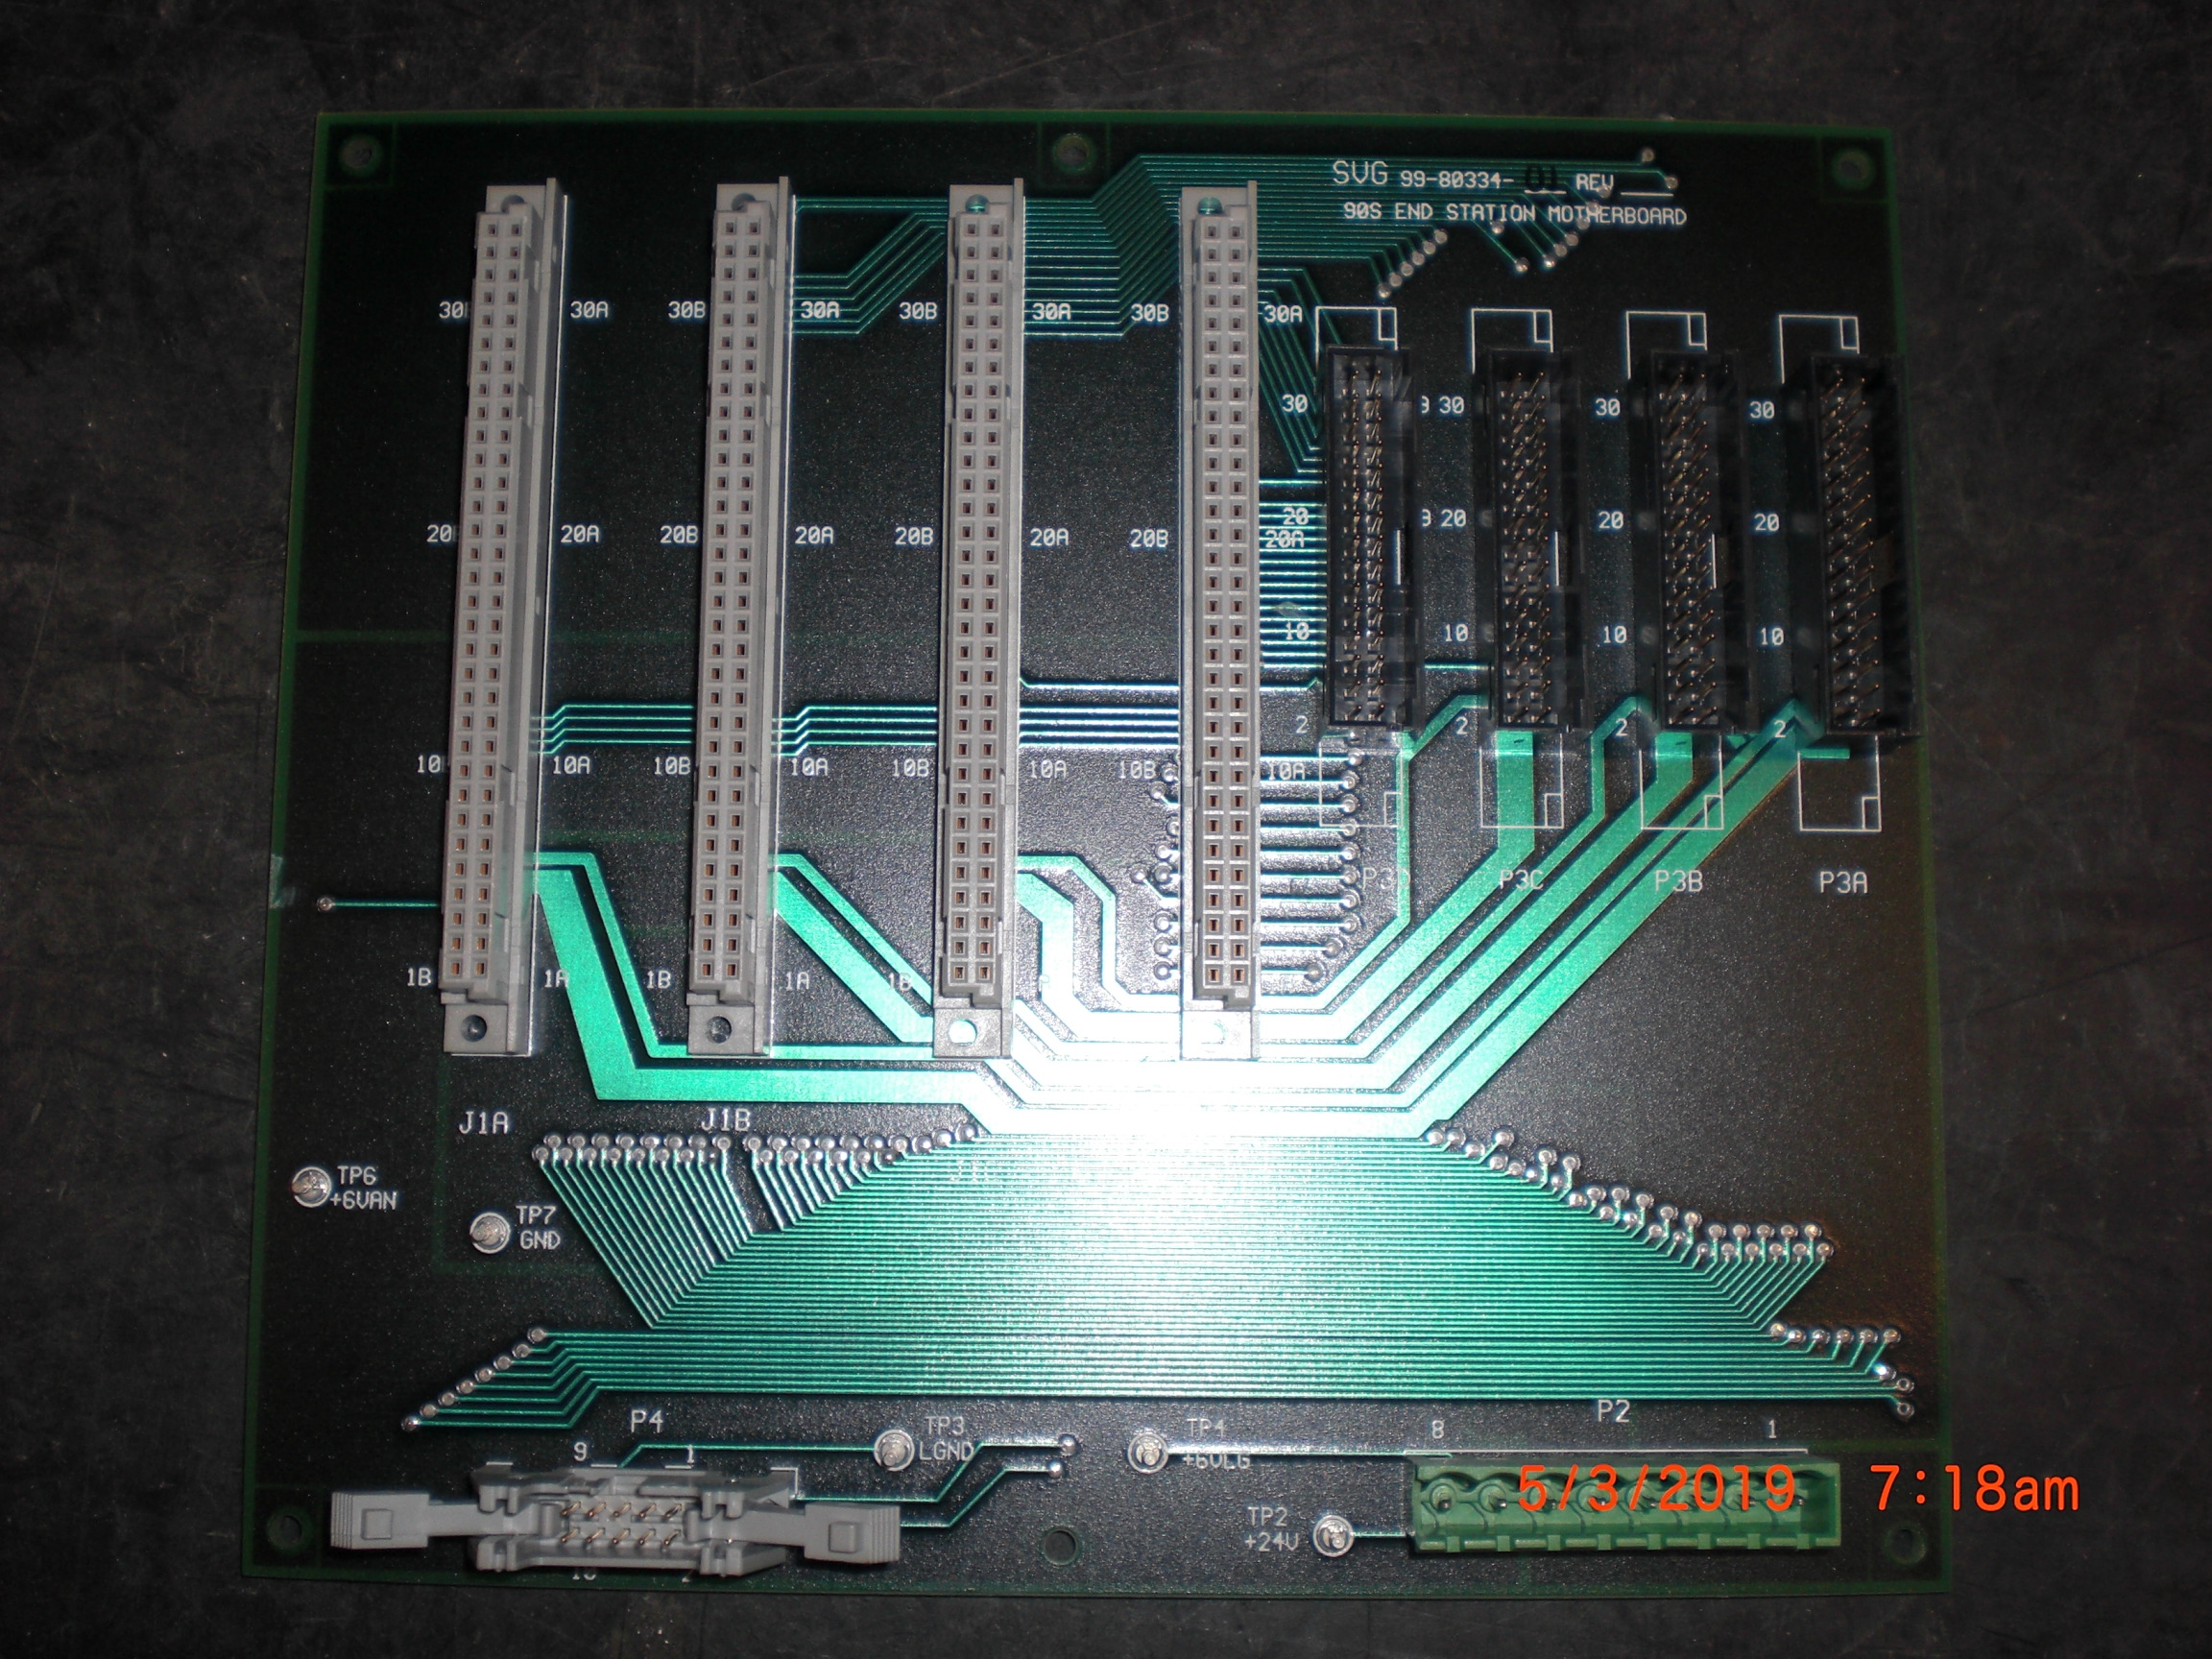 PCB SVG 99-80334-01 End Station Motherboard